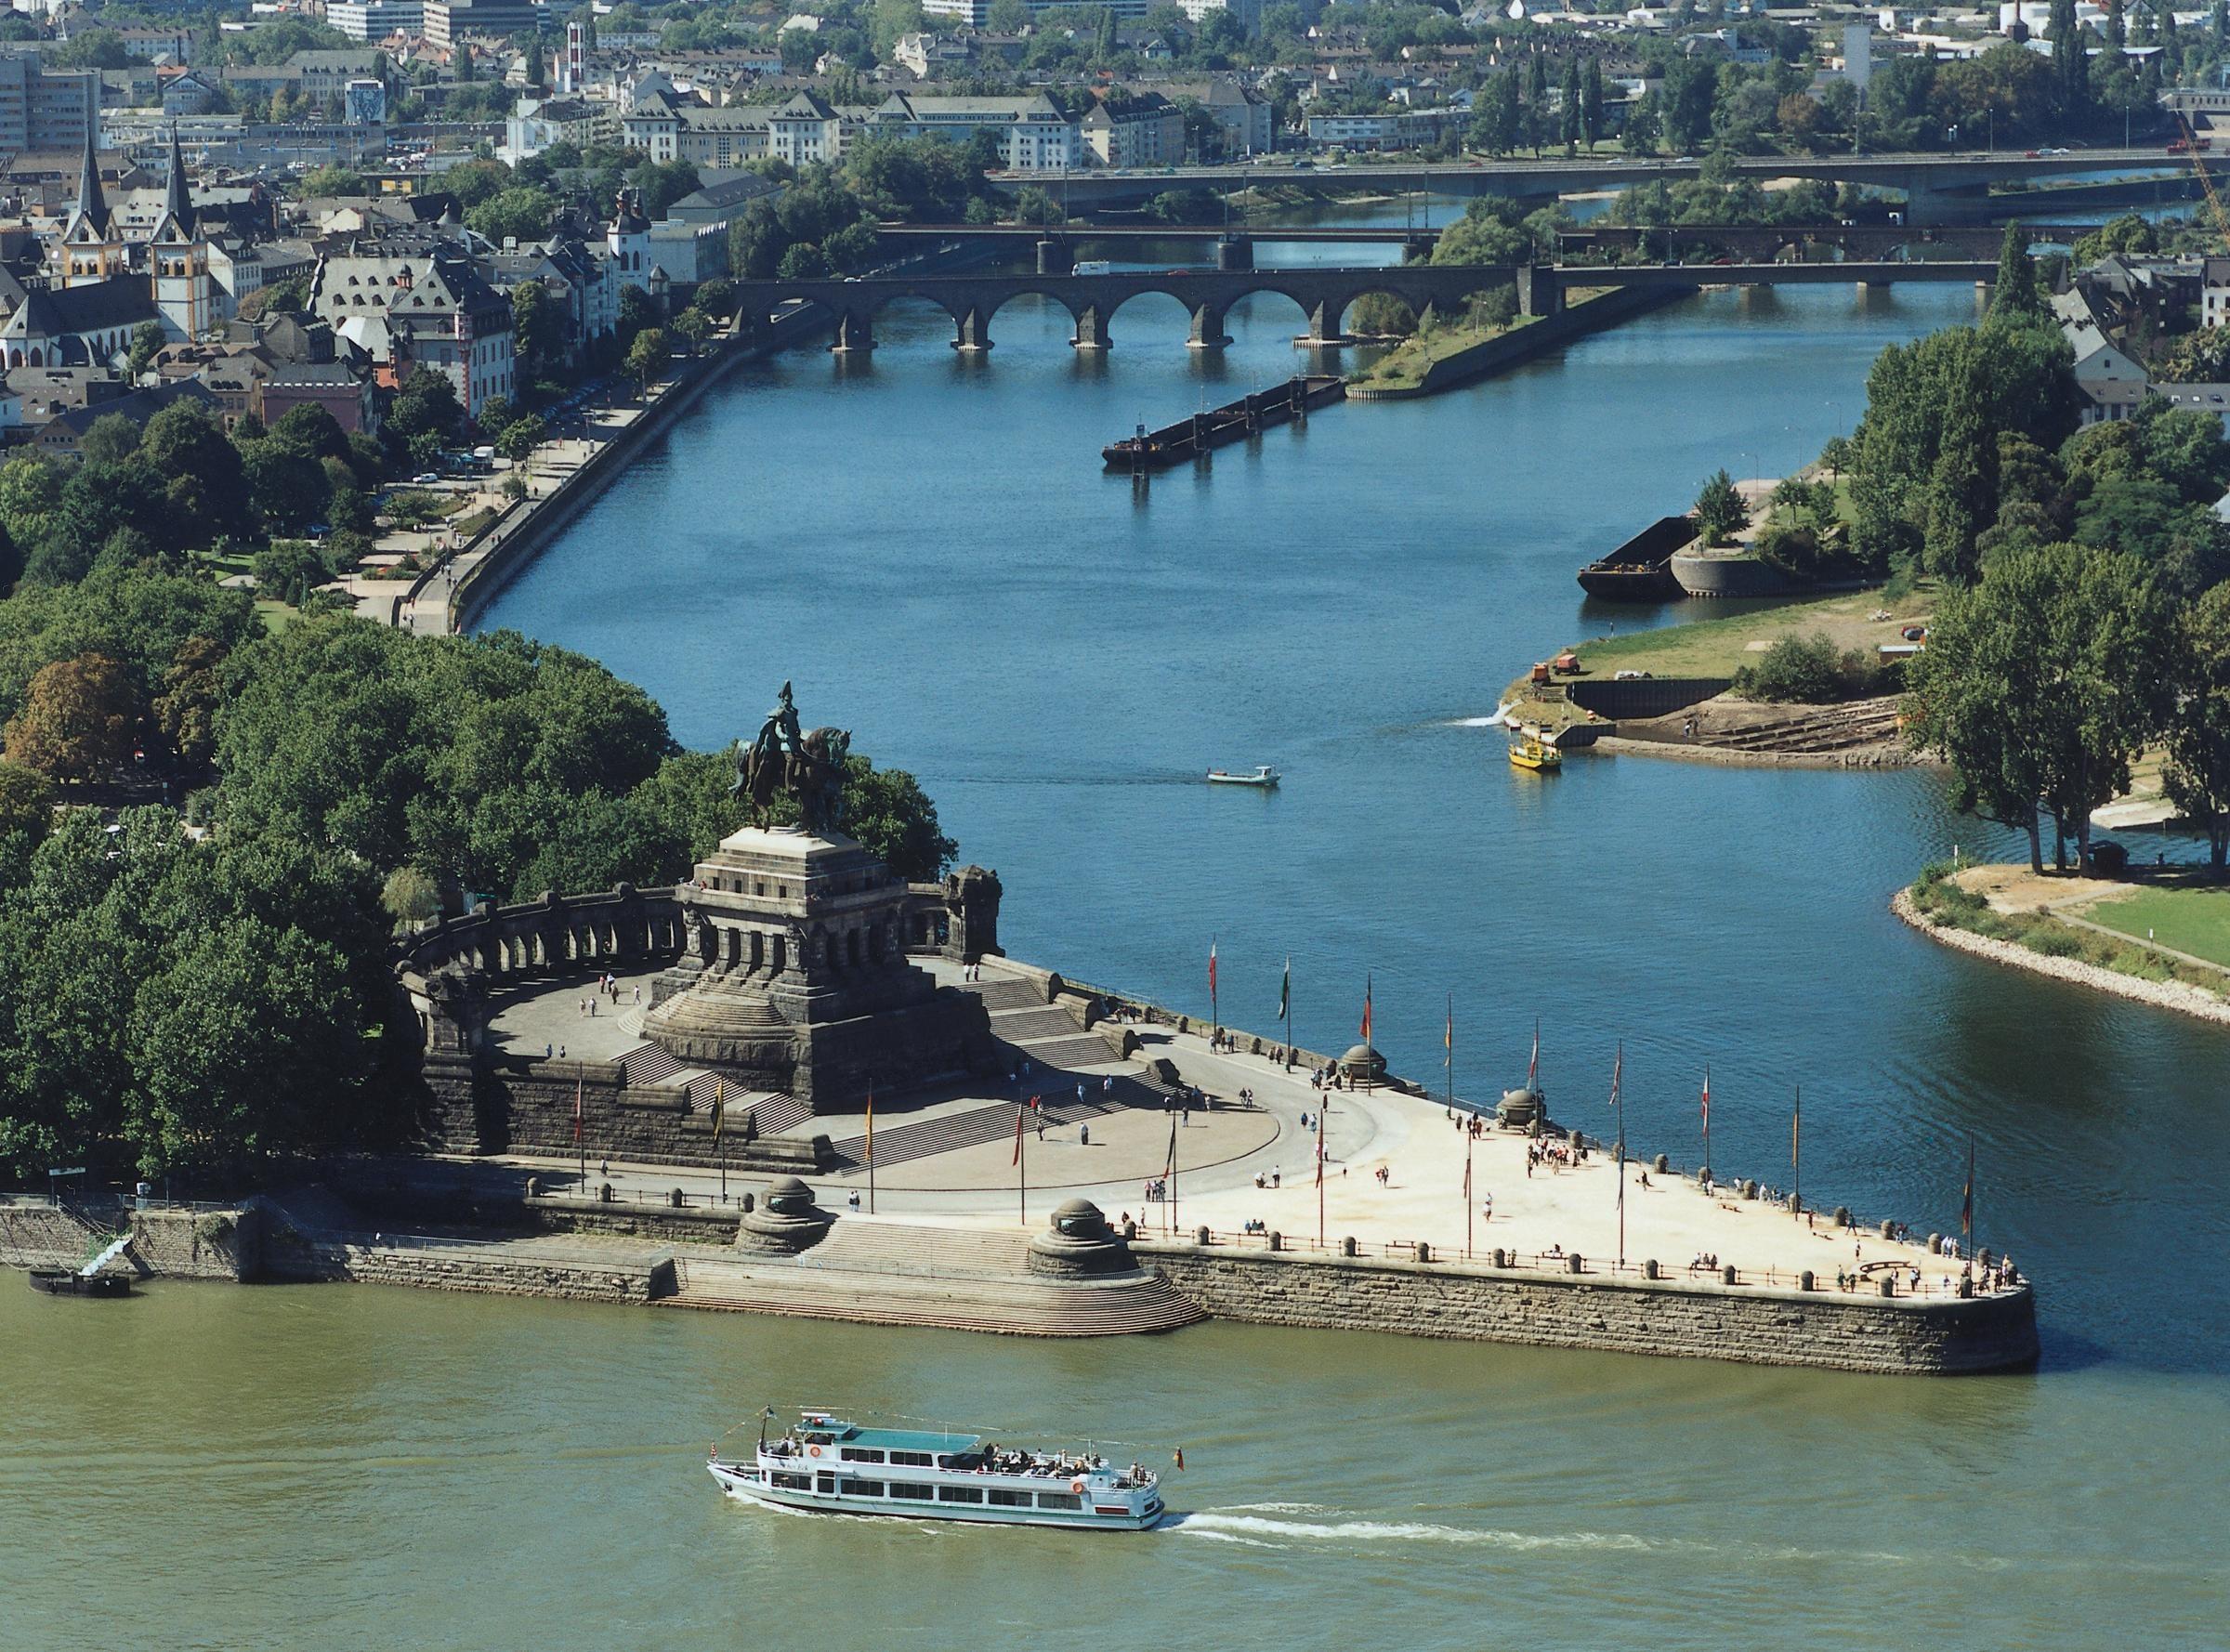 8-daagse wandelvakantie Rheinsteig